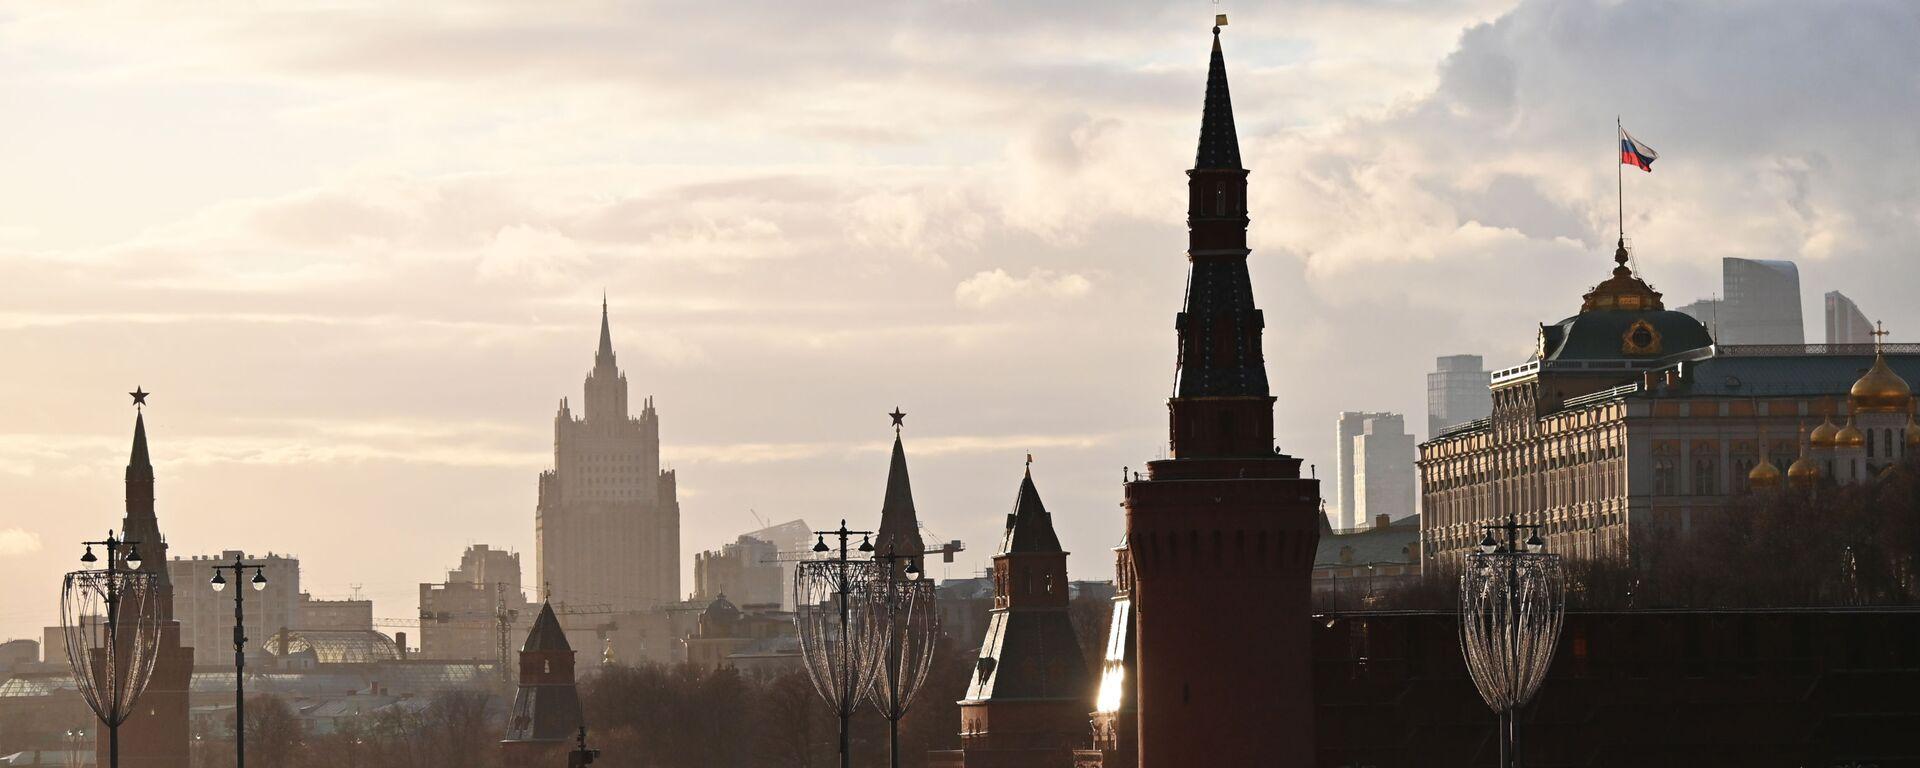 Здание Министерства иностранных дел РФ и  Большой Кремлевский дворец - Sputnik Латвия, 1920, 16.04.2021